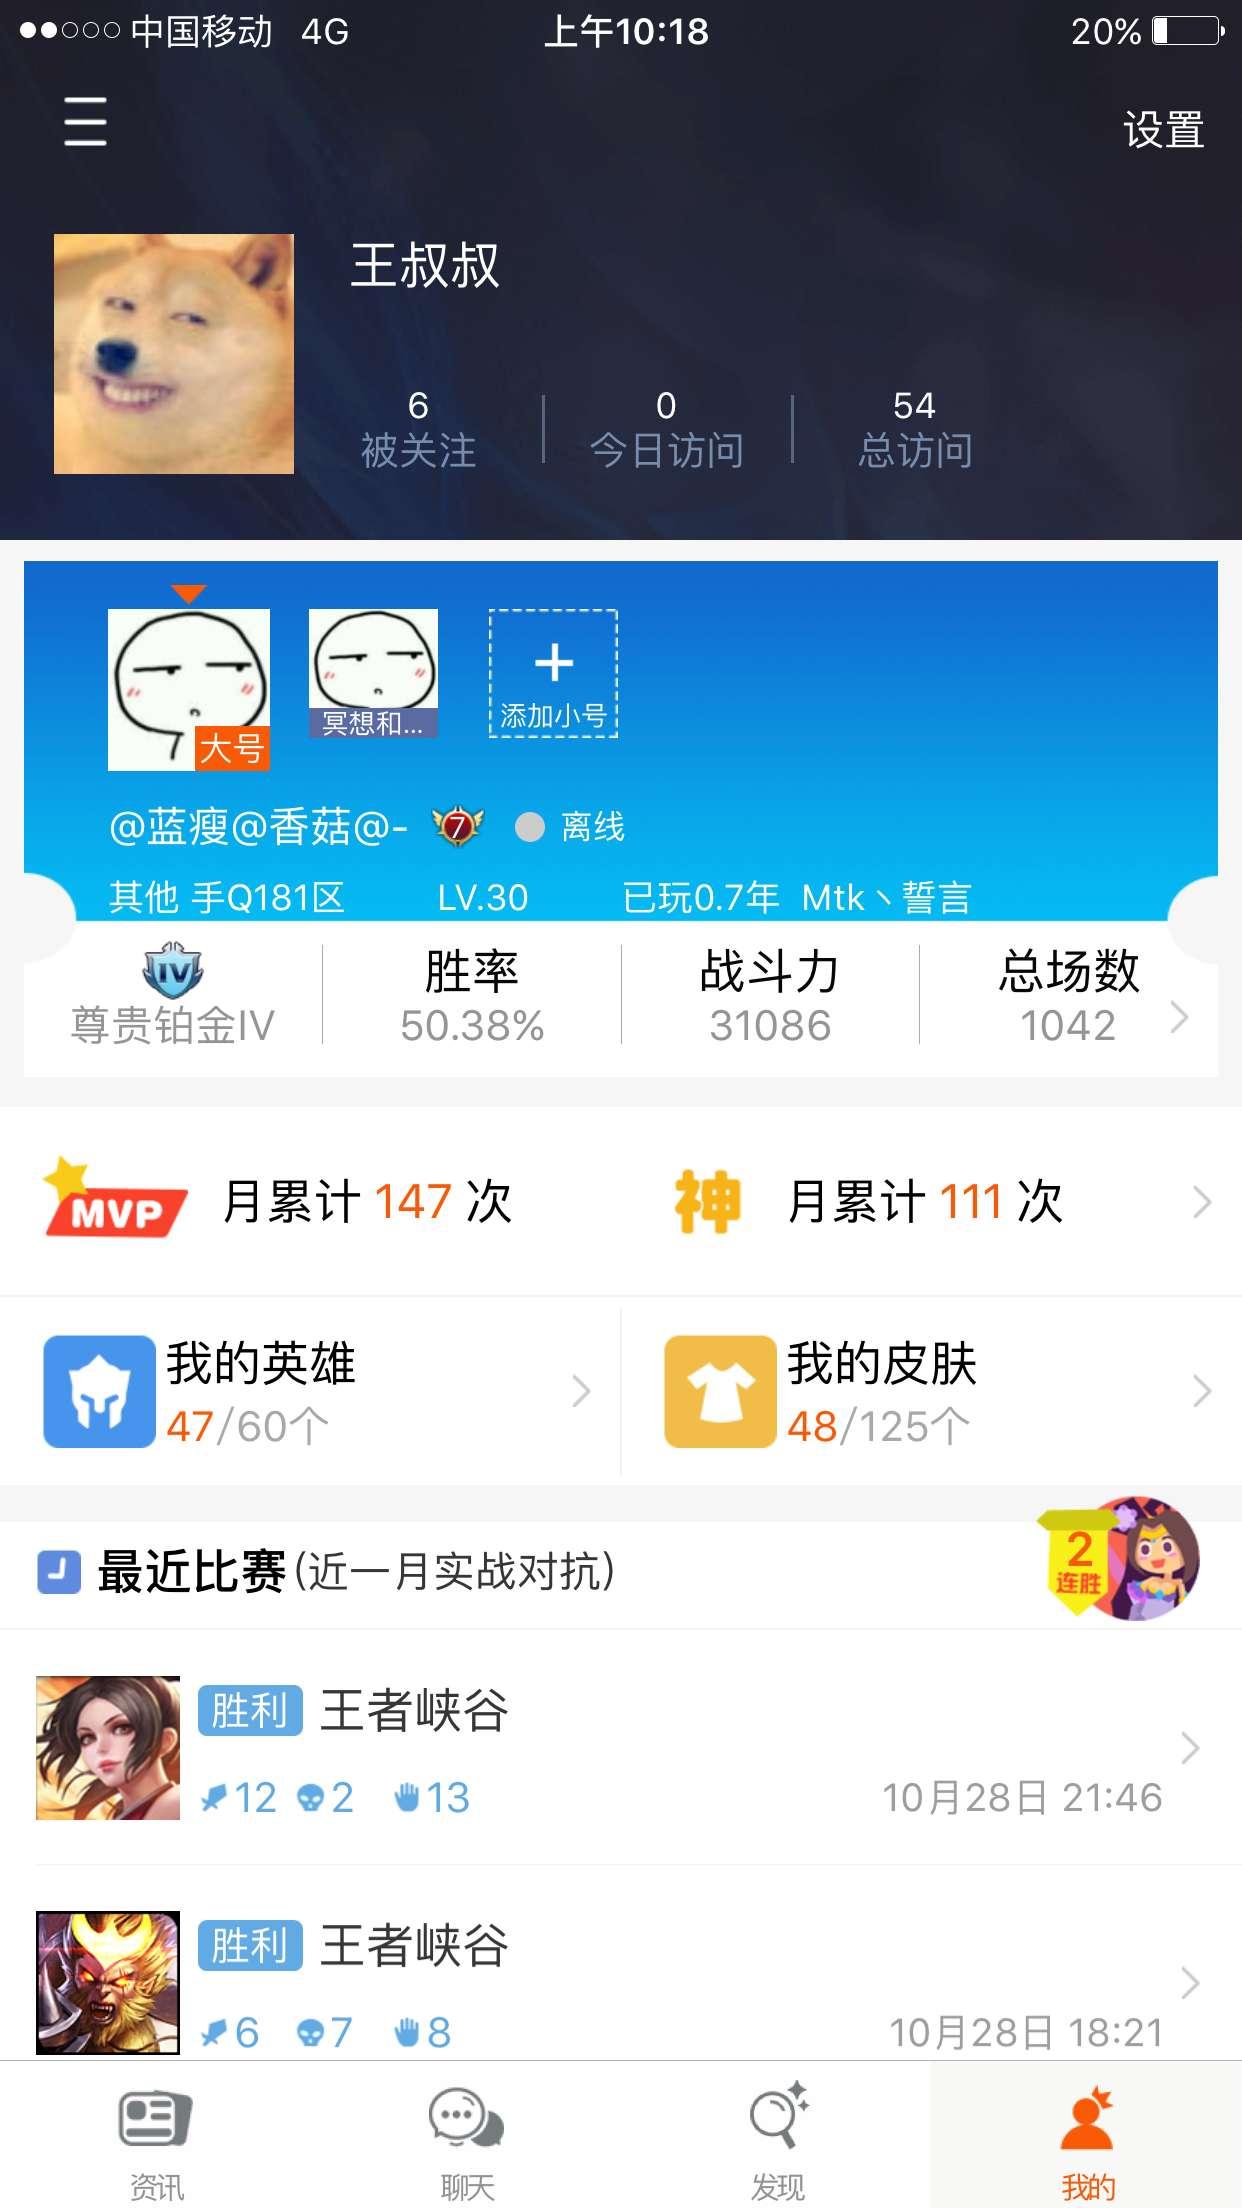 安卓v7土豪装逼号:赵云李白关羽韩信各种限定丨没人玩